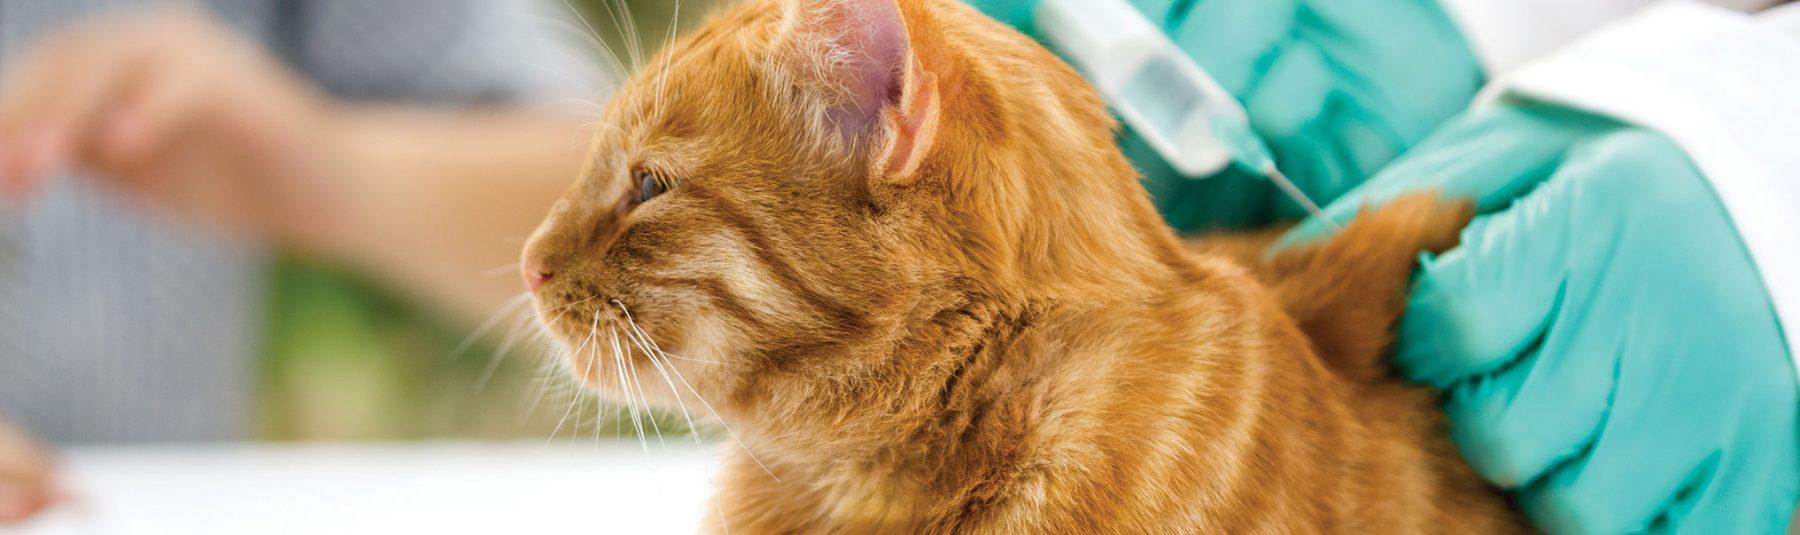 cat-vaccinations